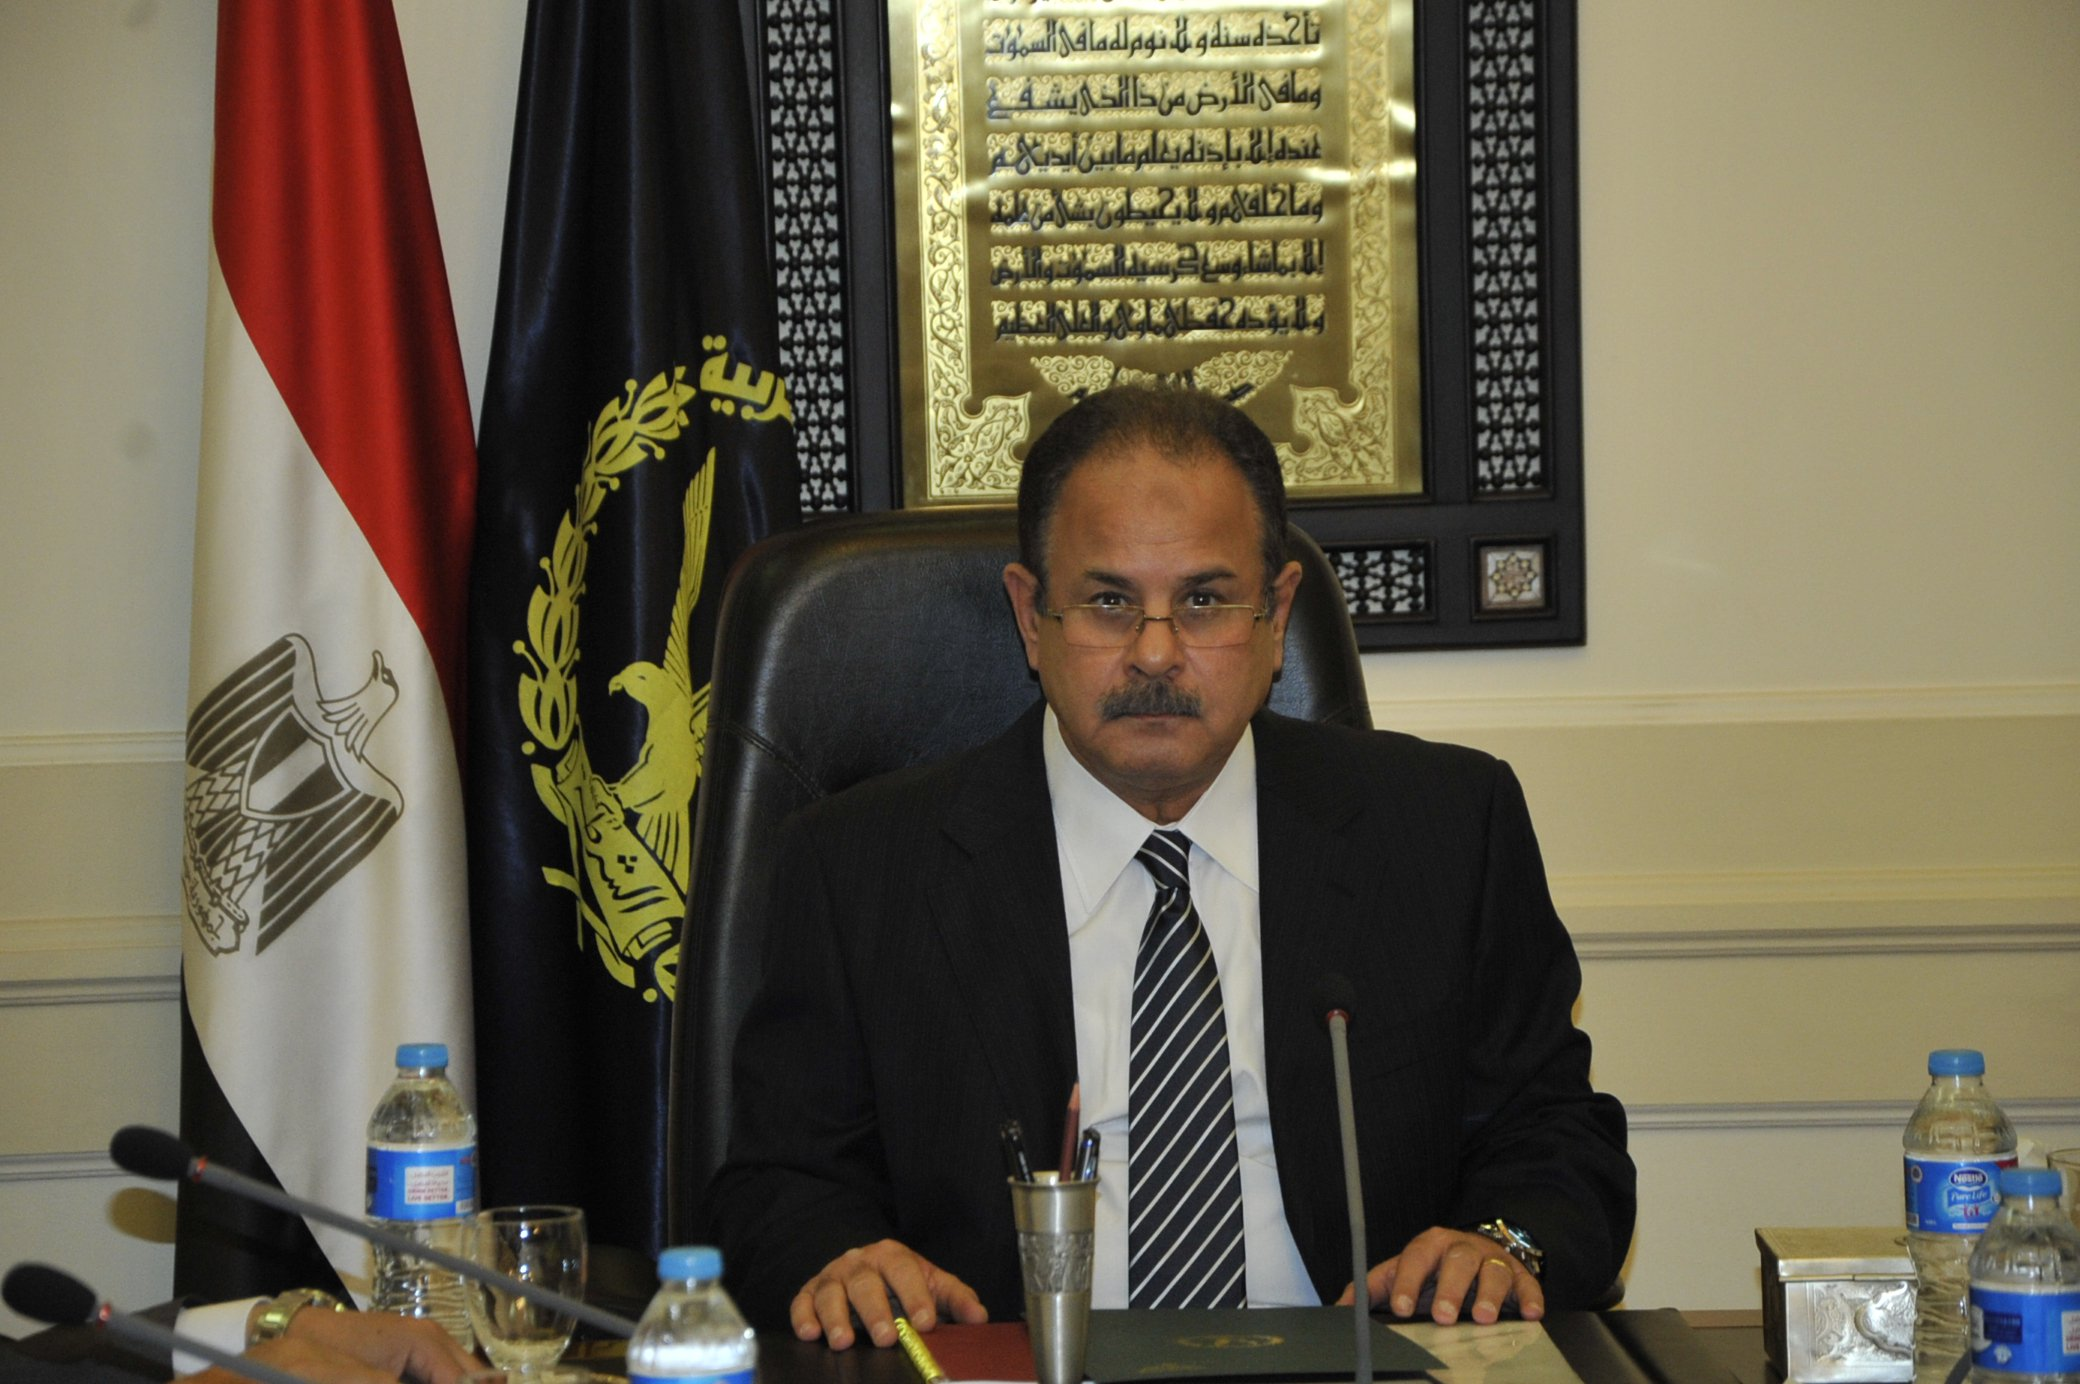 وزير الداخلية يقرر إبعاد 9 أجانب خارج البلاد لأسباب تتعلق بالصالح العام